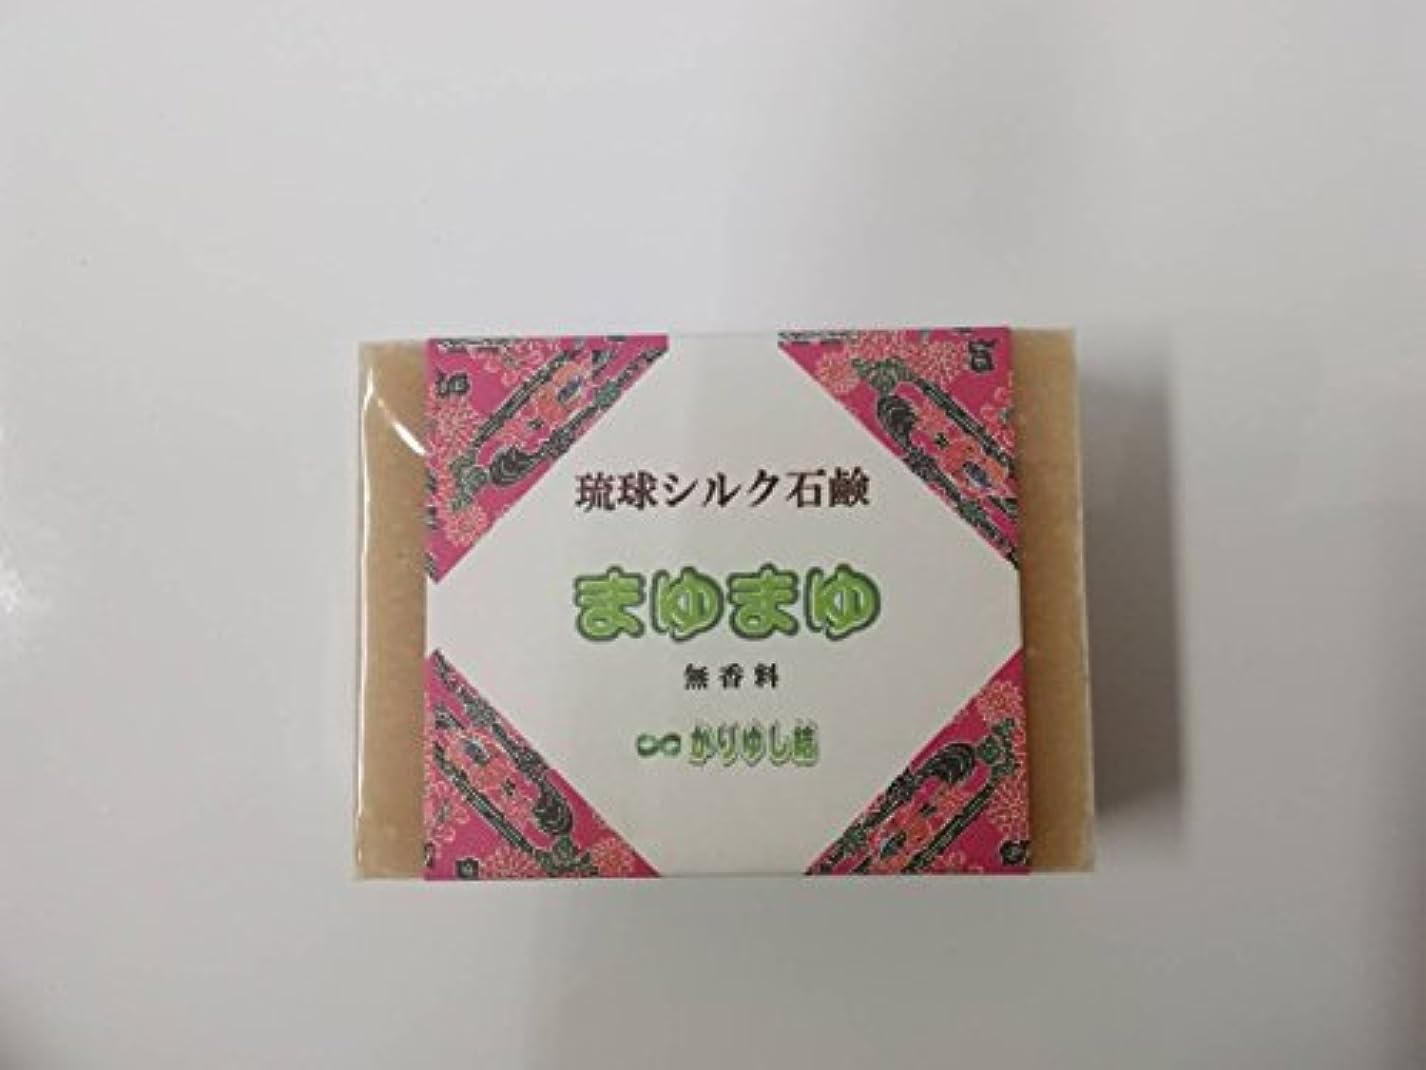 ホイストスカーフ郵便屋さん琉球シルク石鹸 まゆまゆ ピンクカオリン 無香料